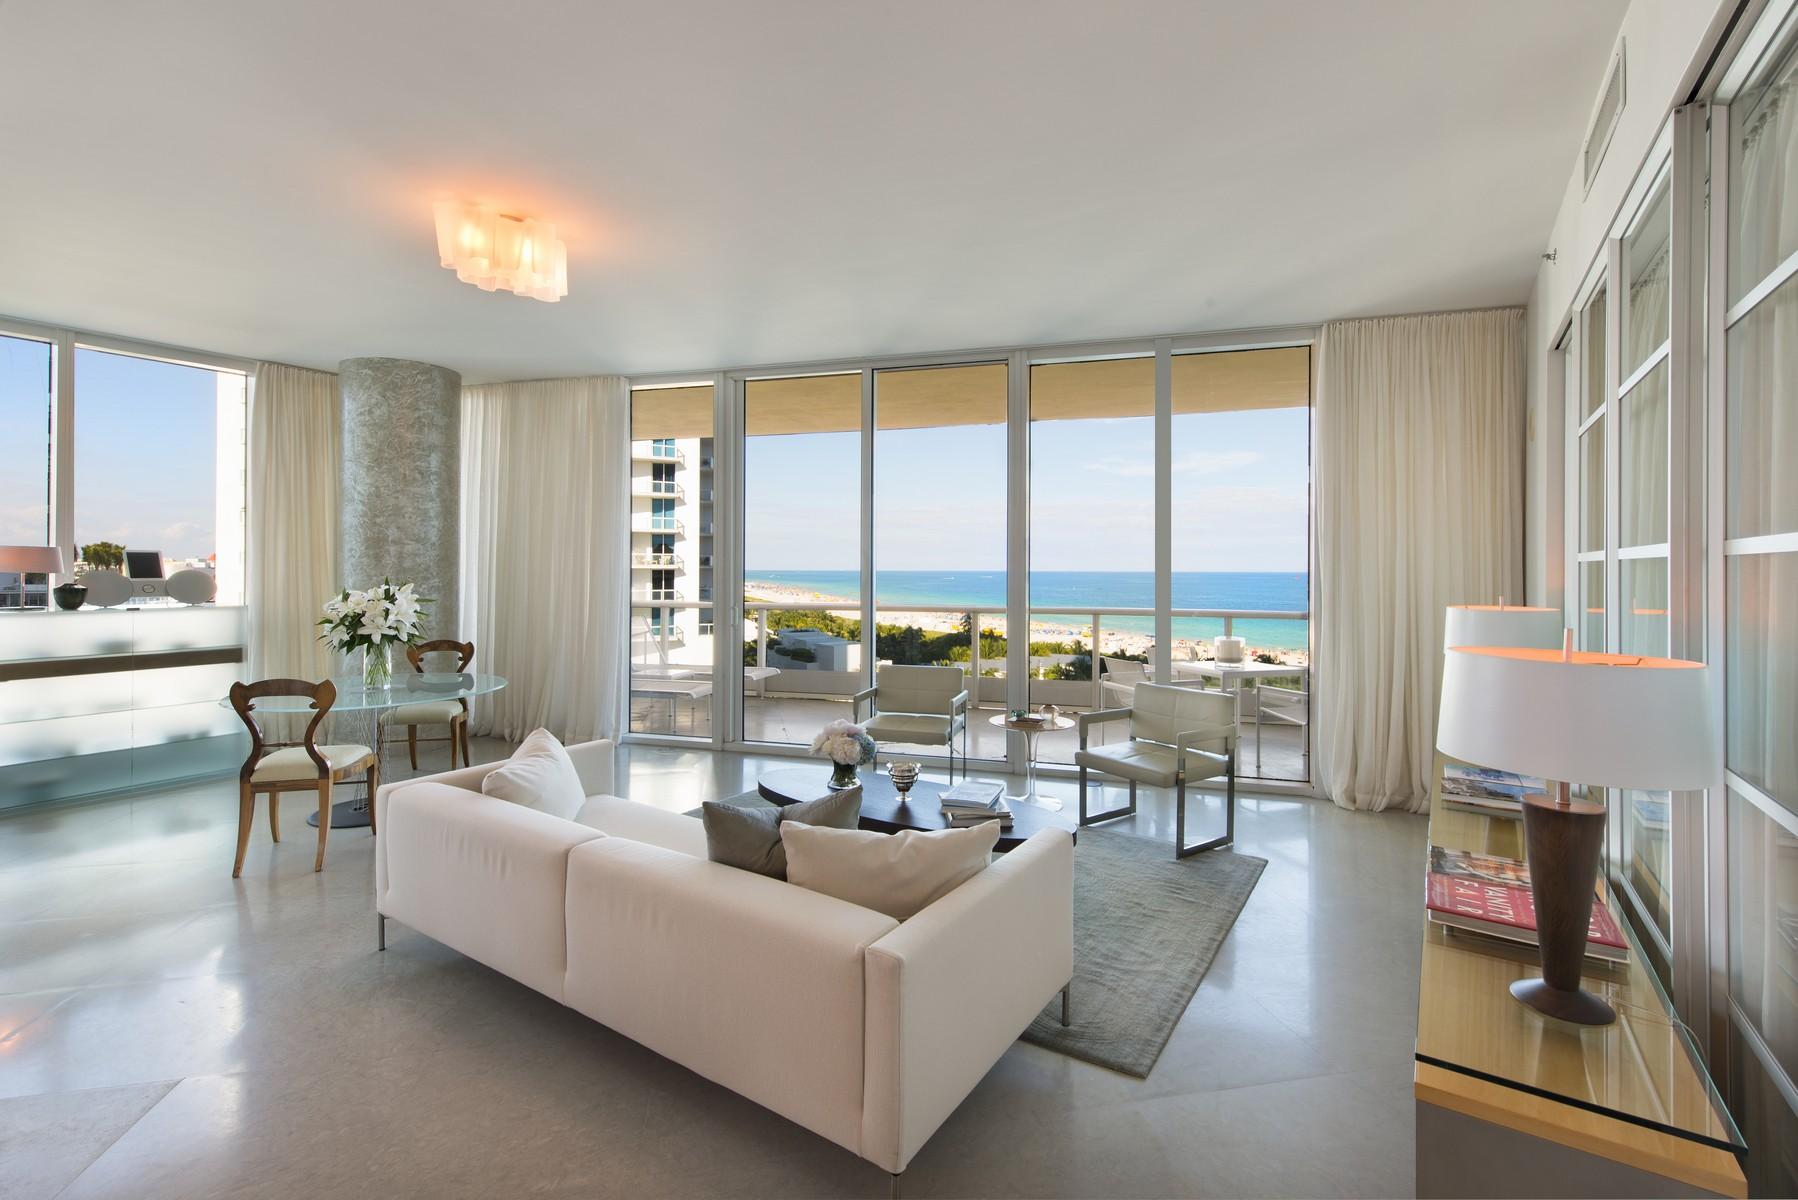 Кооперативная квартира для того Продажа на 100 S Pointe Dr #909 100 S Pointe Dr #909 Miami Beach, Флорида 33139 Соединенные Штаты